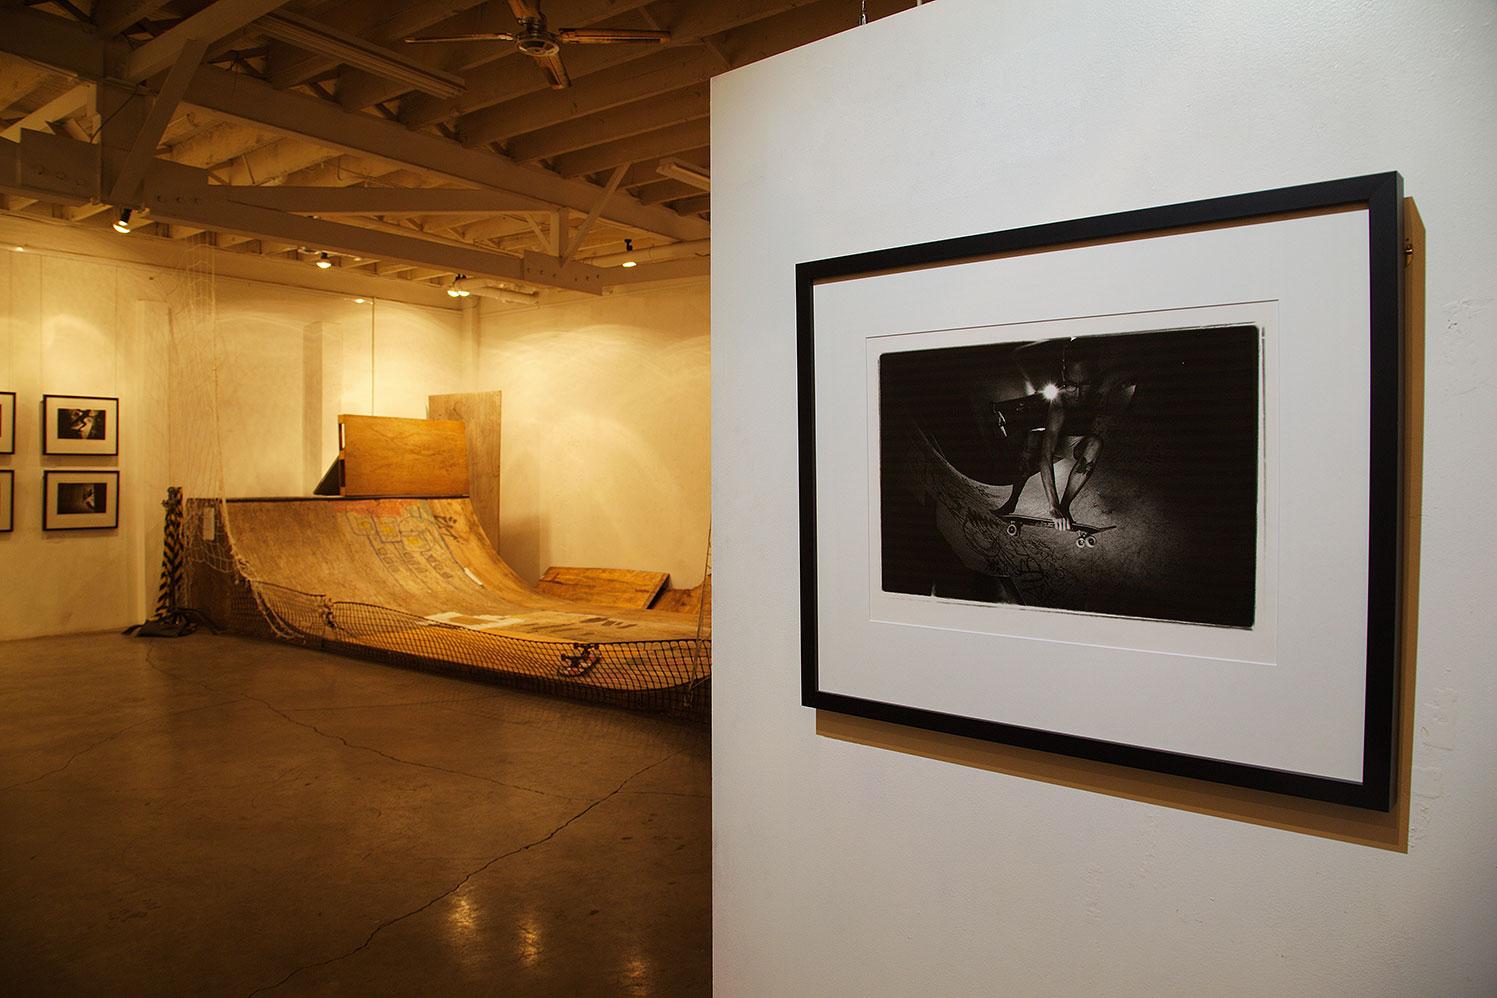 Beg, Borrow, Steal (2010), Ambush Gallery, NSW